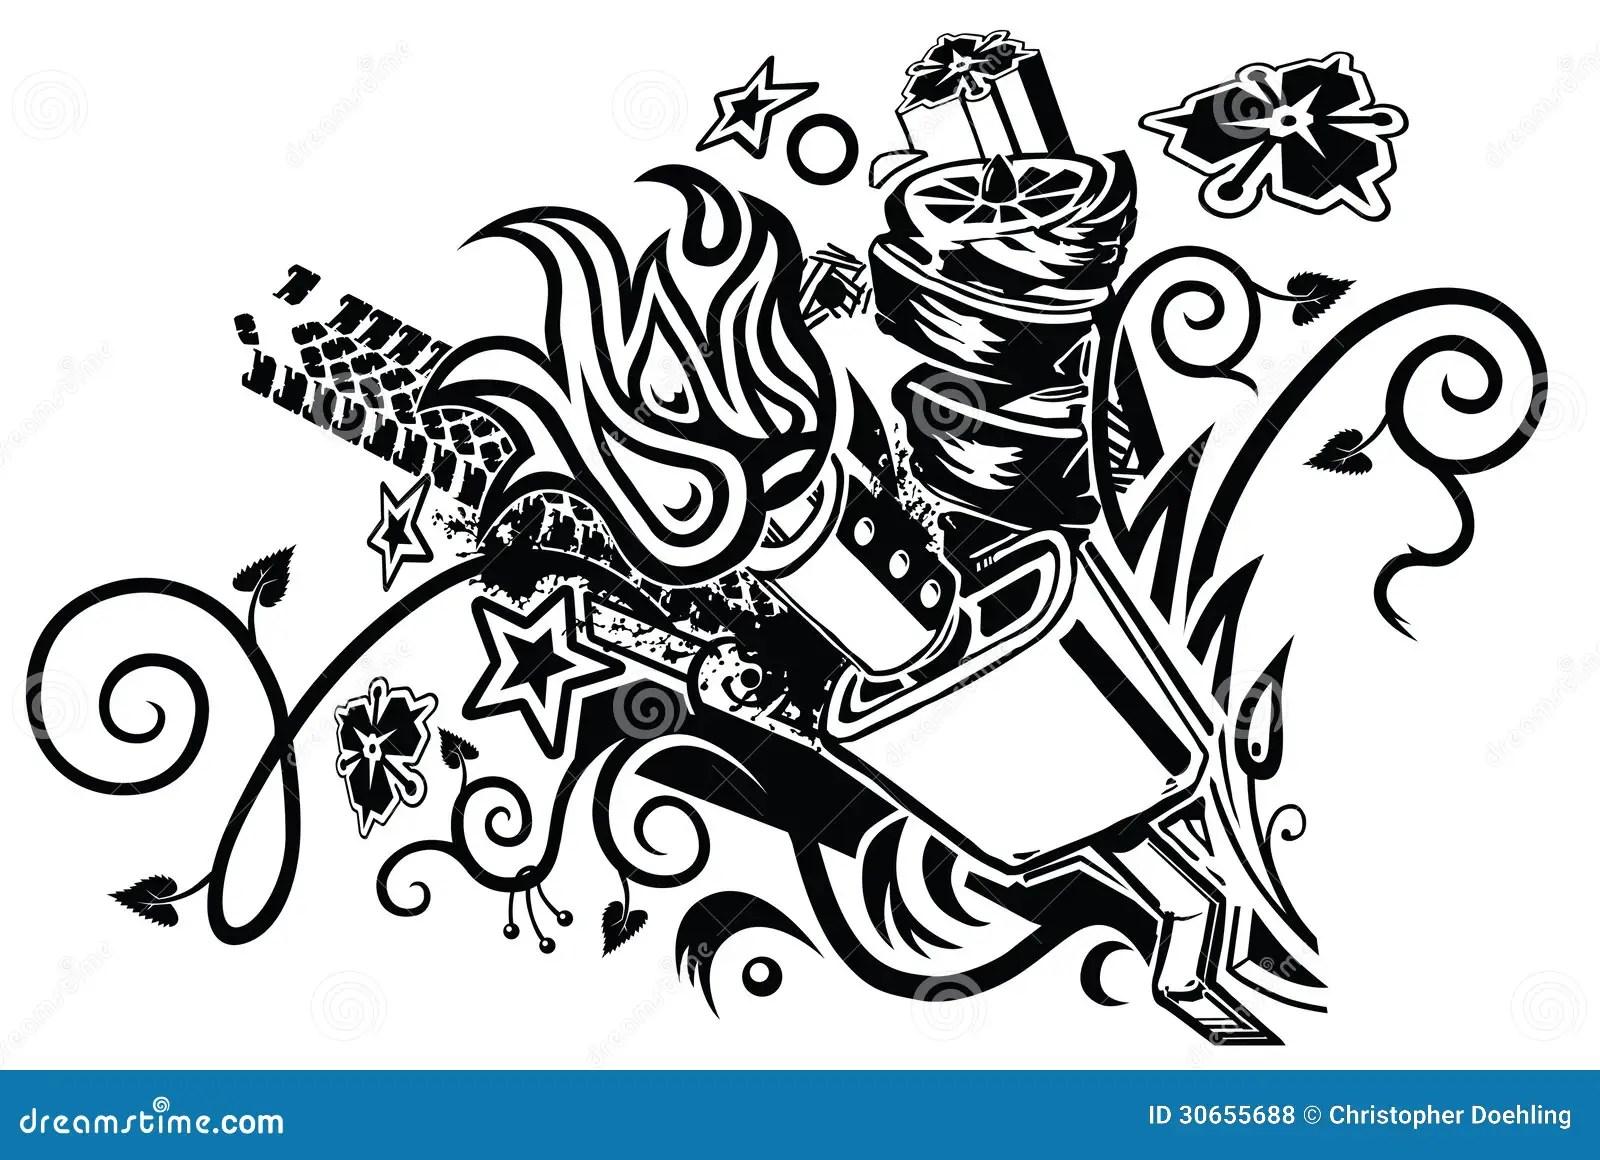 Tatouage D Explosion De Silencieux Photos Libres De Droits